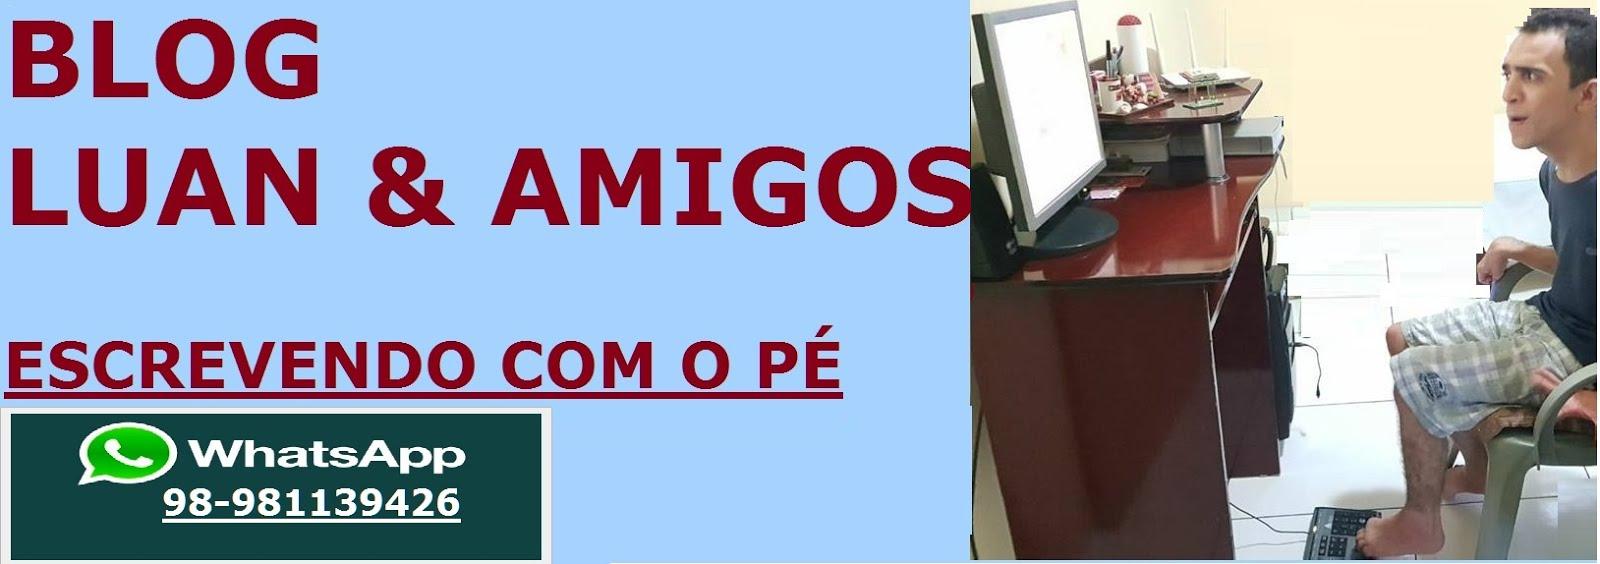 Blog LUAN & AMIGOS - Escrevendo com o Pé